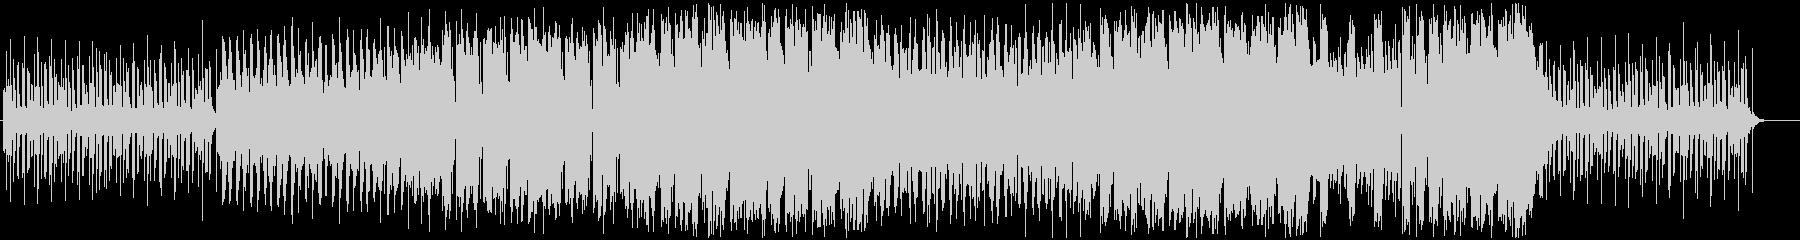 元気の出るトロピカルハウス フル歌の未再生の波形